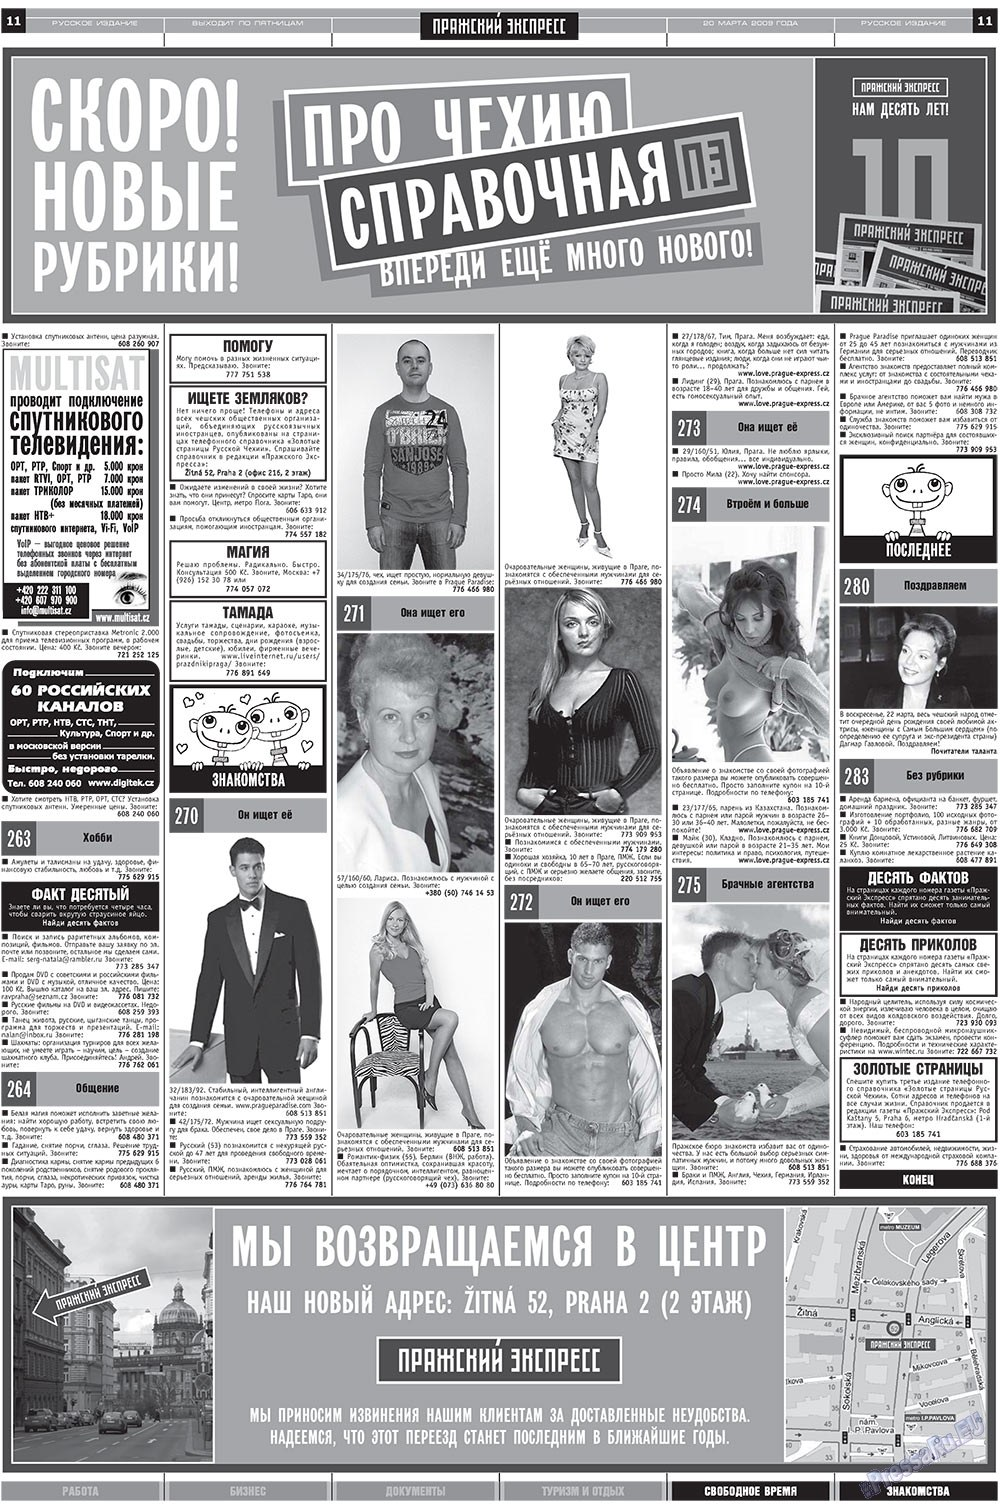 Пражский экспресс (газета). 2009 год, номер 11, стр. 11